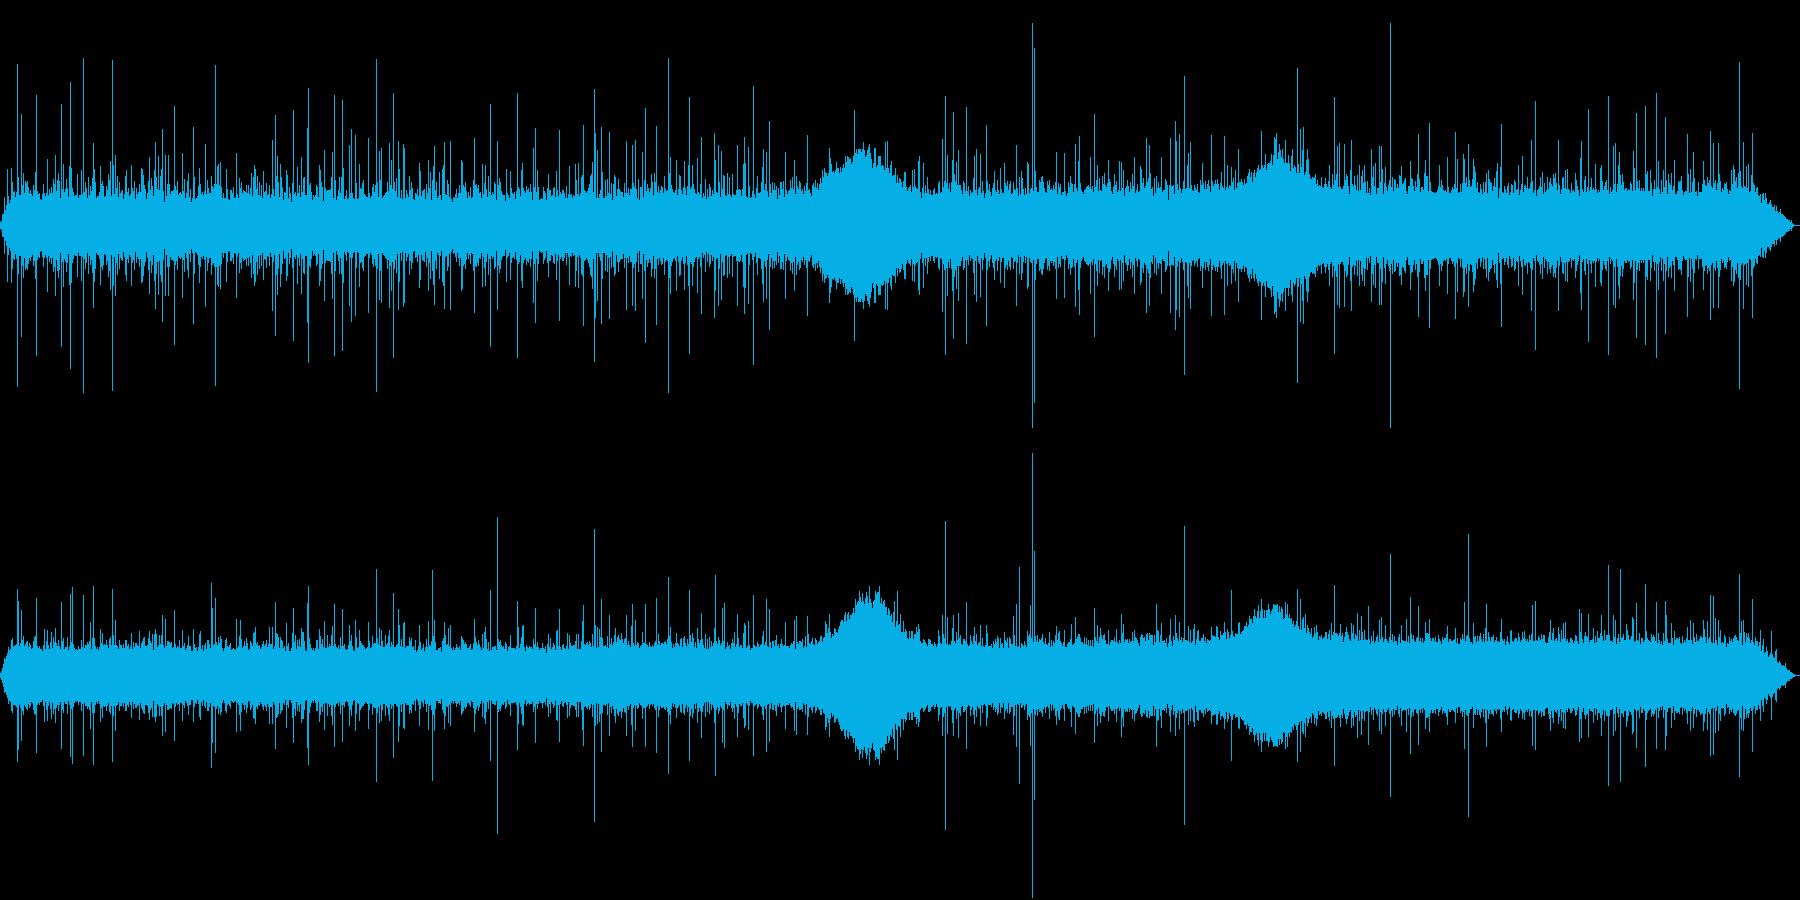 【生録音】日本 東京に降る雨の音 1の再生済みの波形